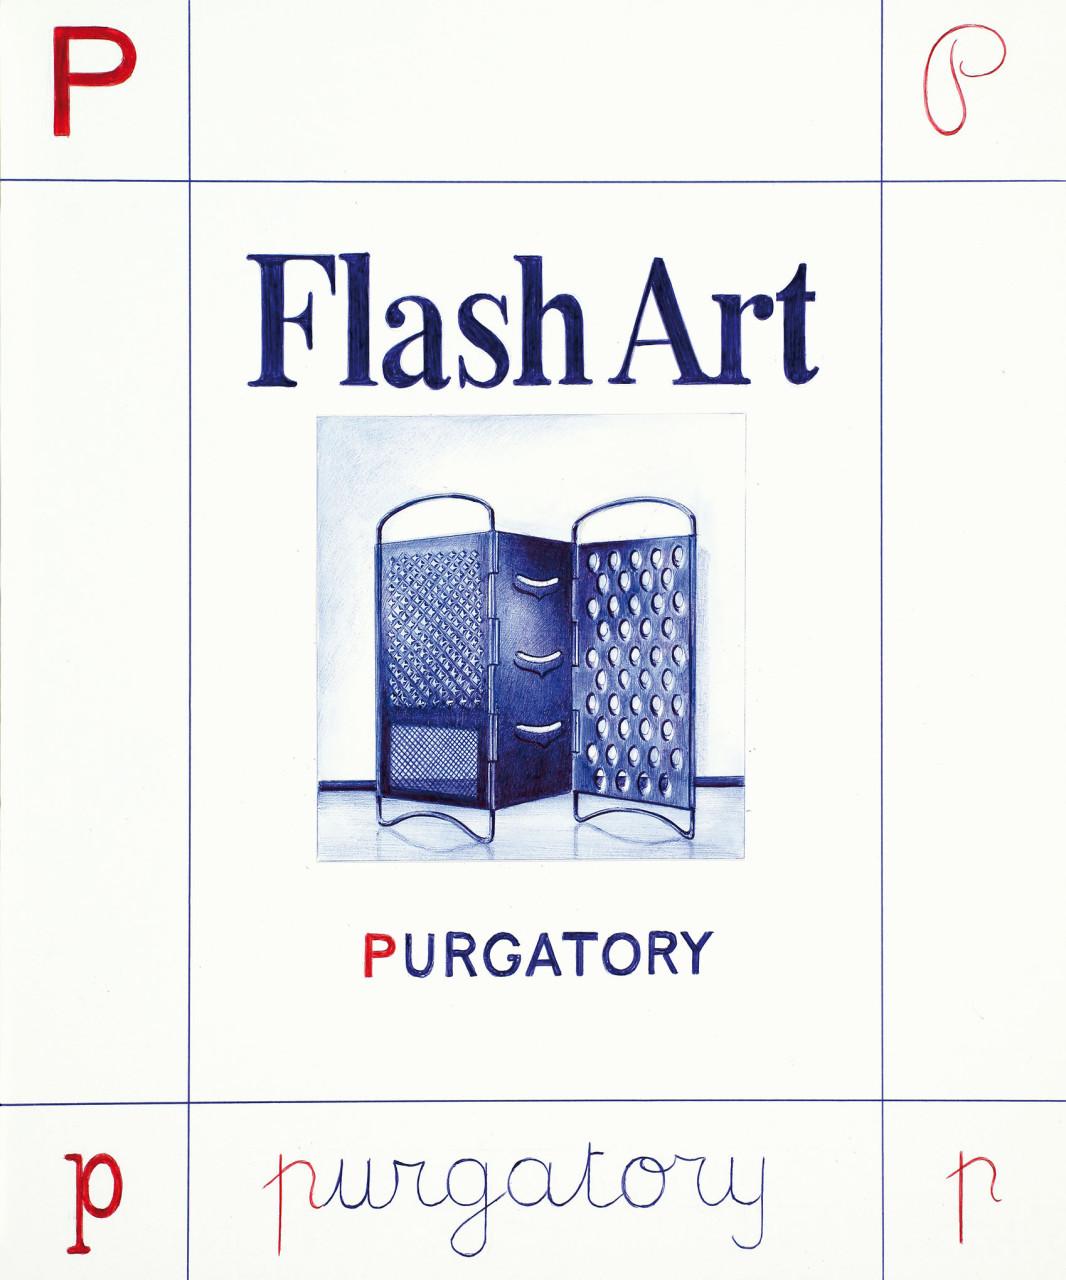 06P-purgatory_bassa